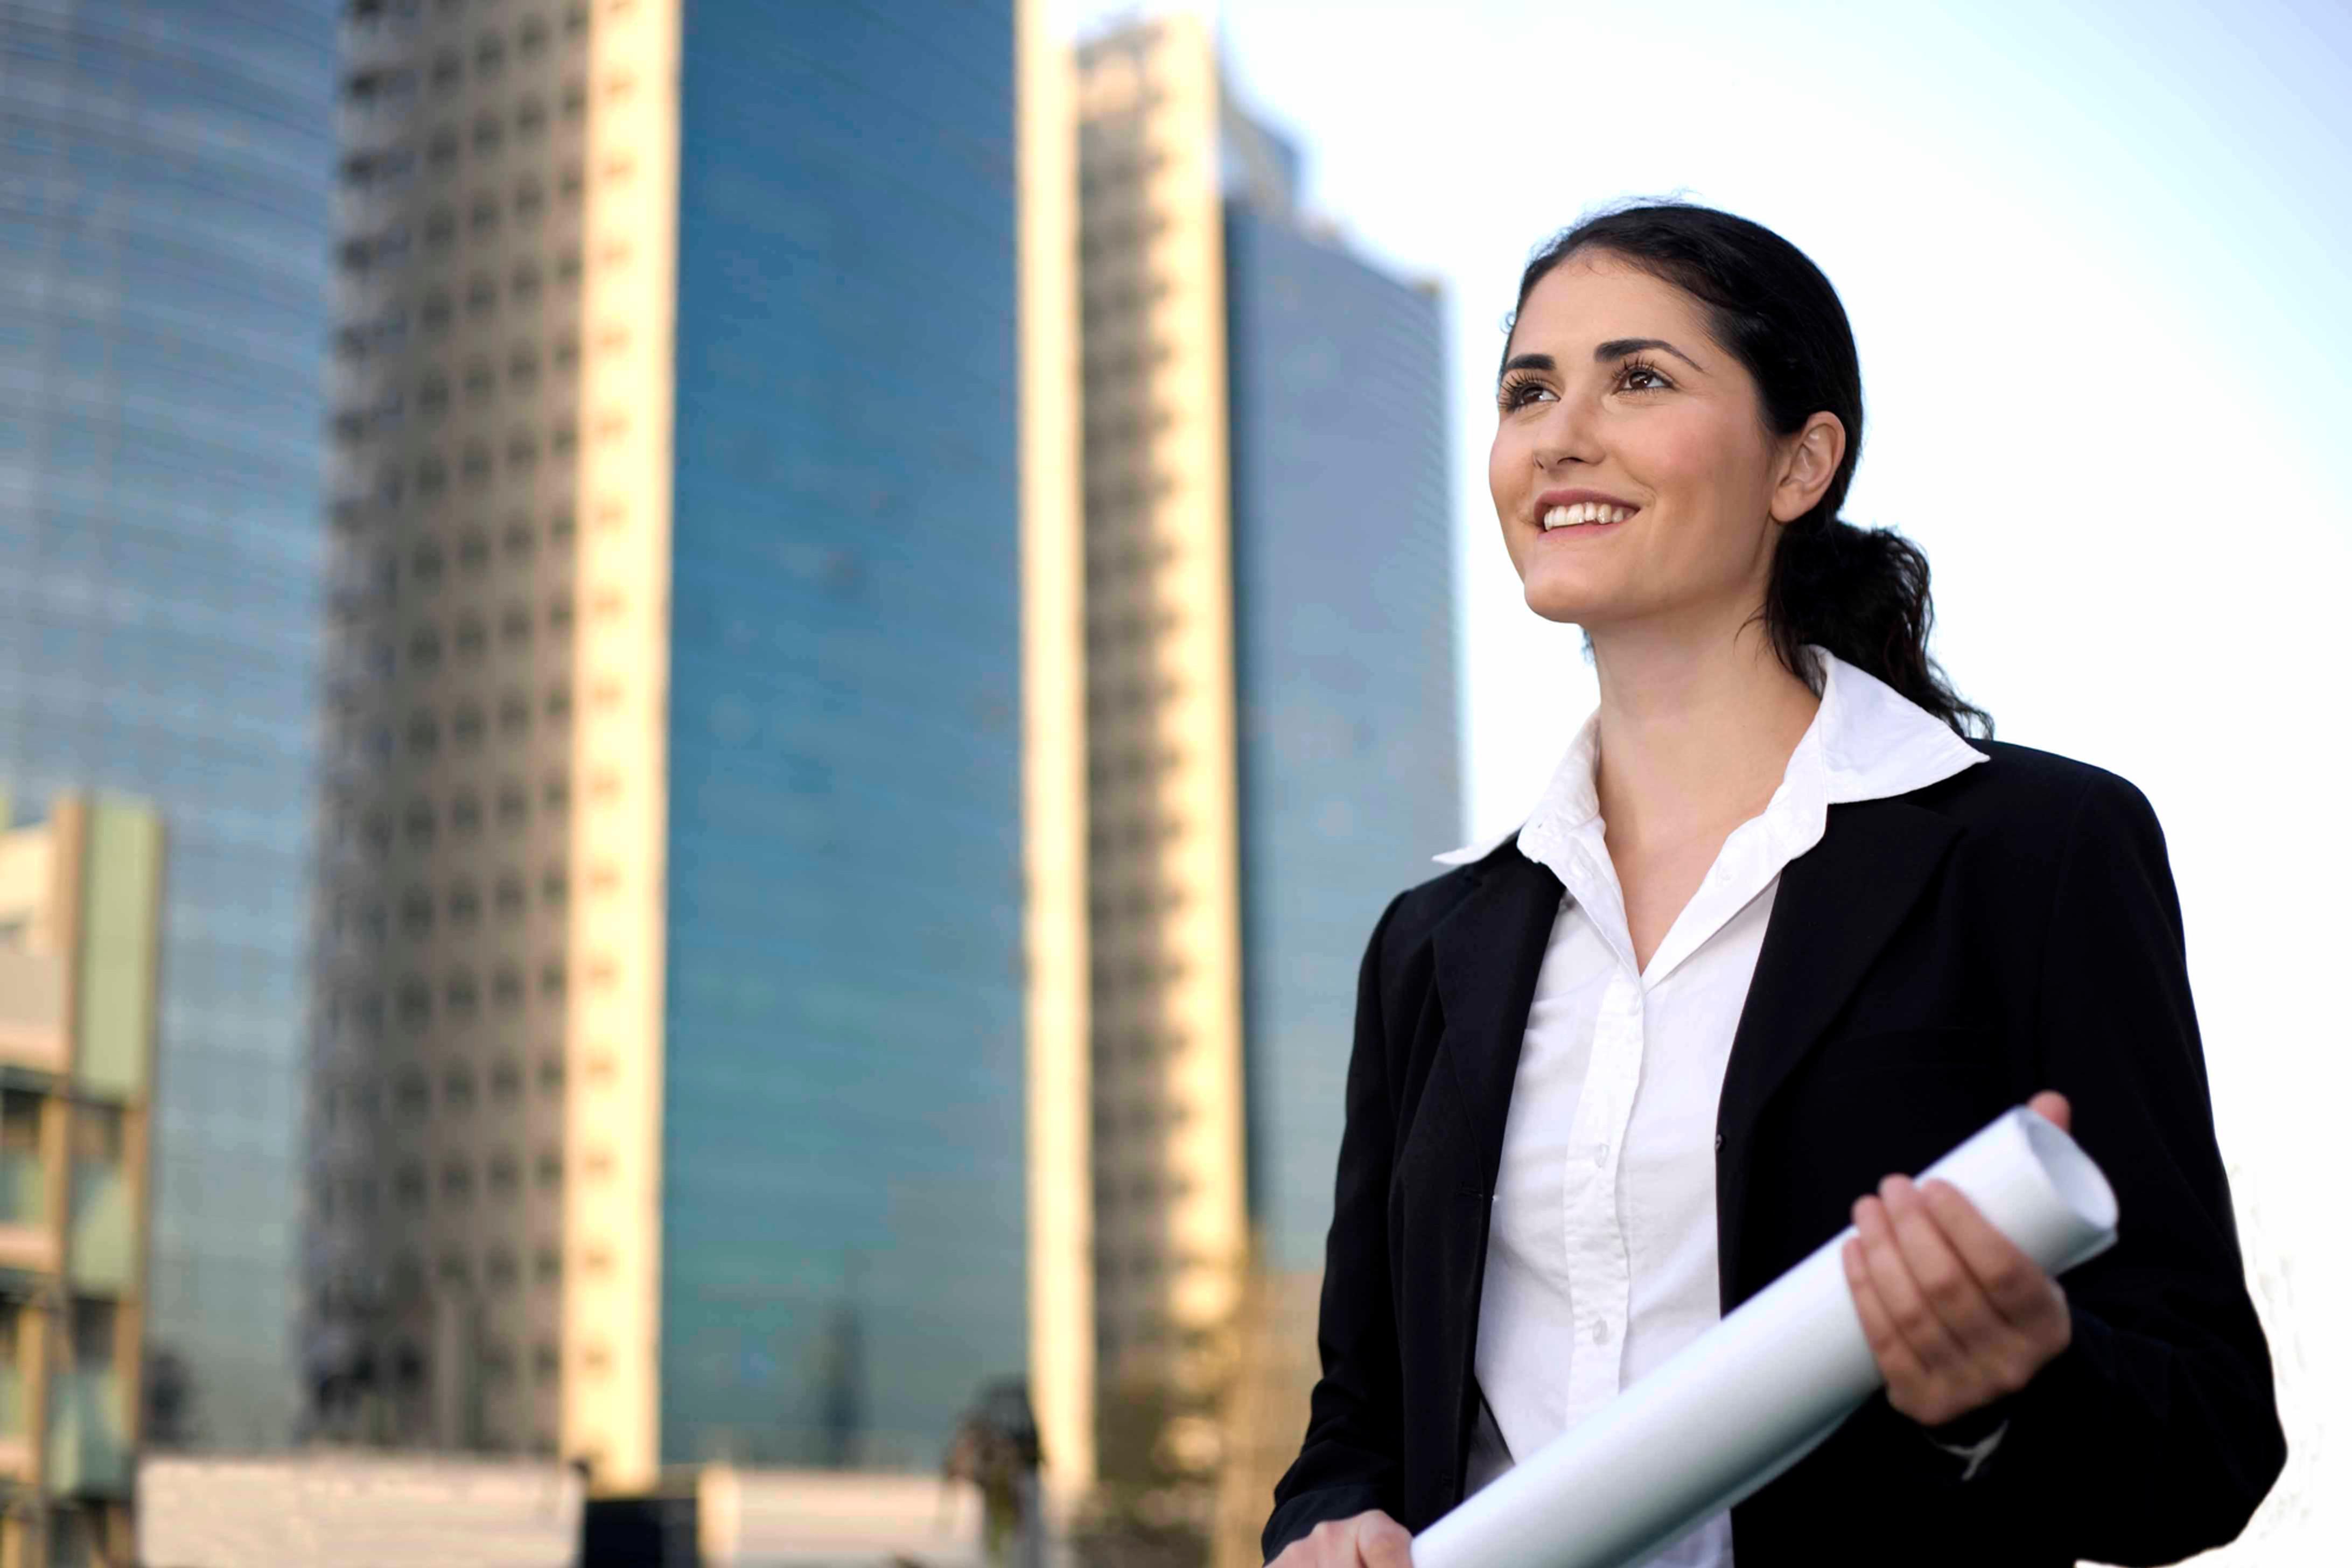 ビジネス人格仮面づくりサポート 対面